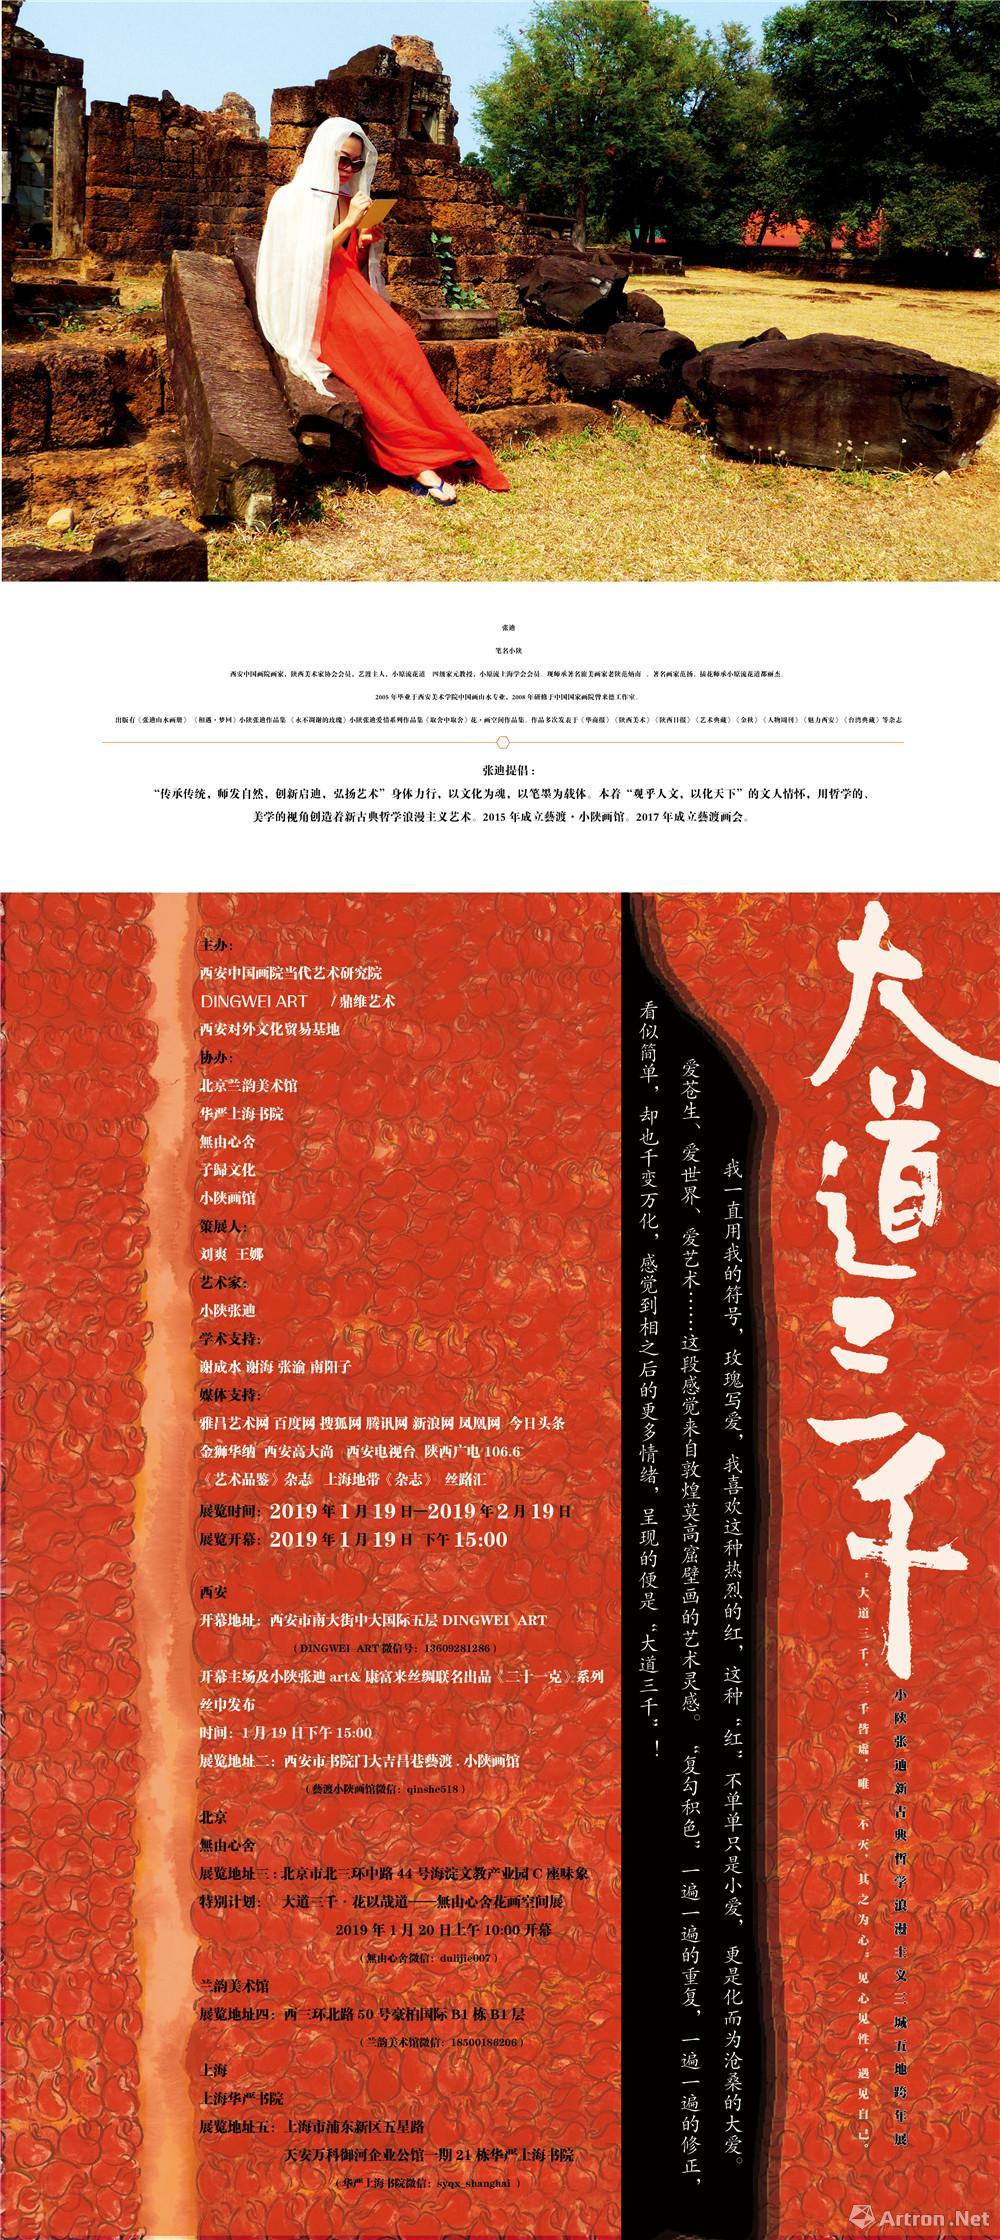 """""""大道三千""""小陕张迪新古典哲学浪漫主义三城五地跨年作品展"""